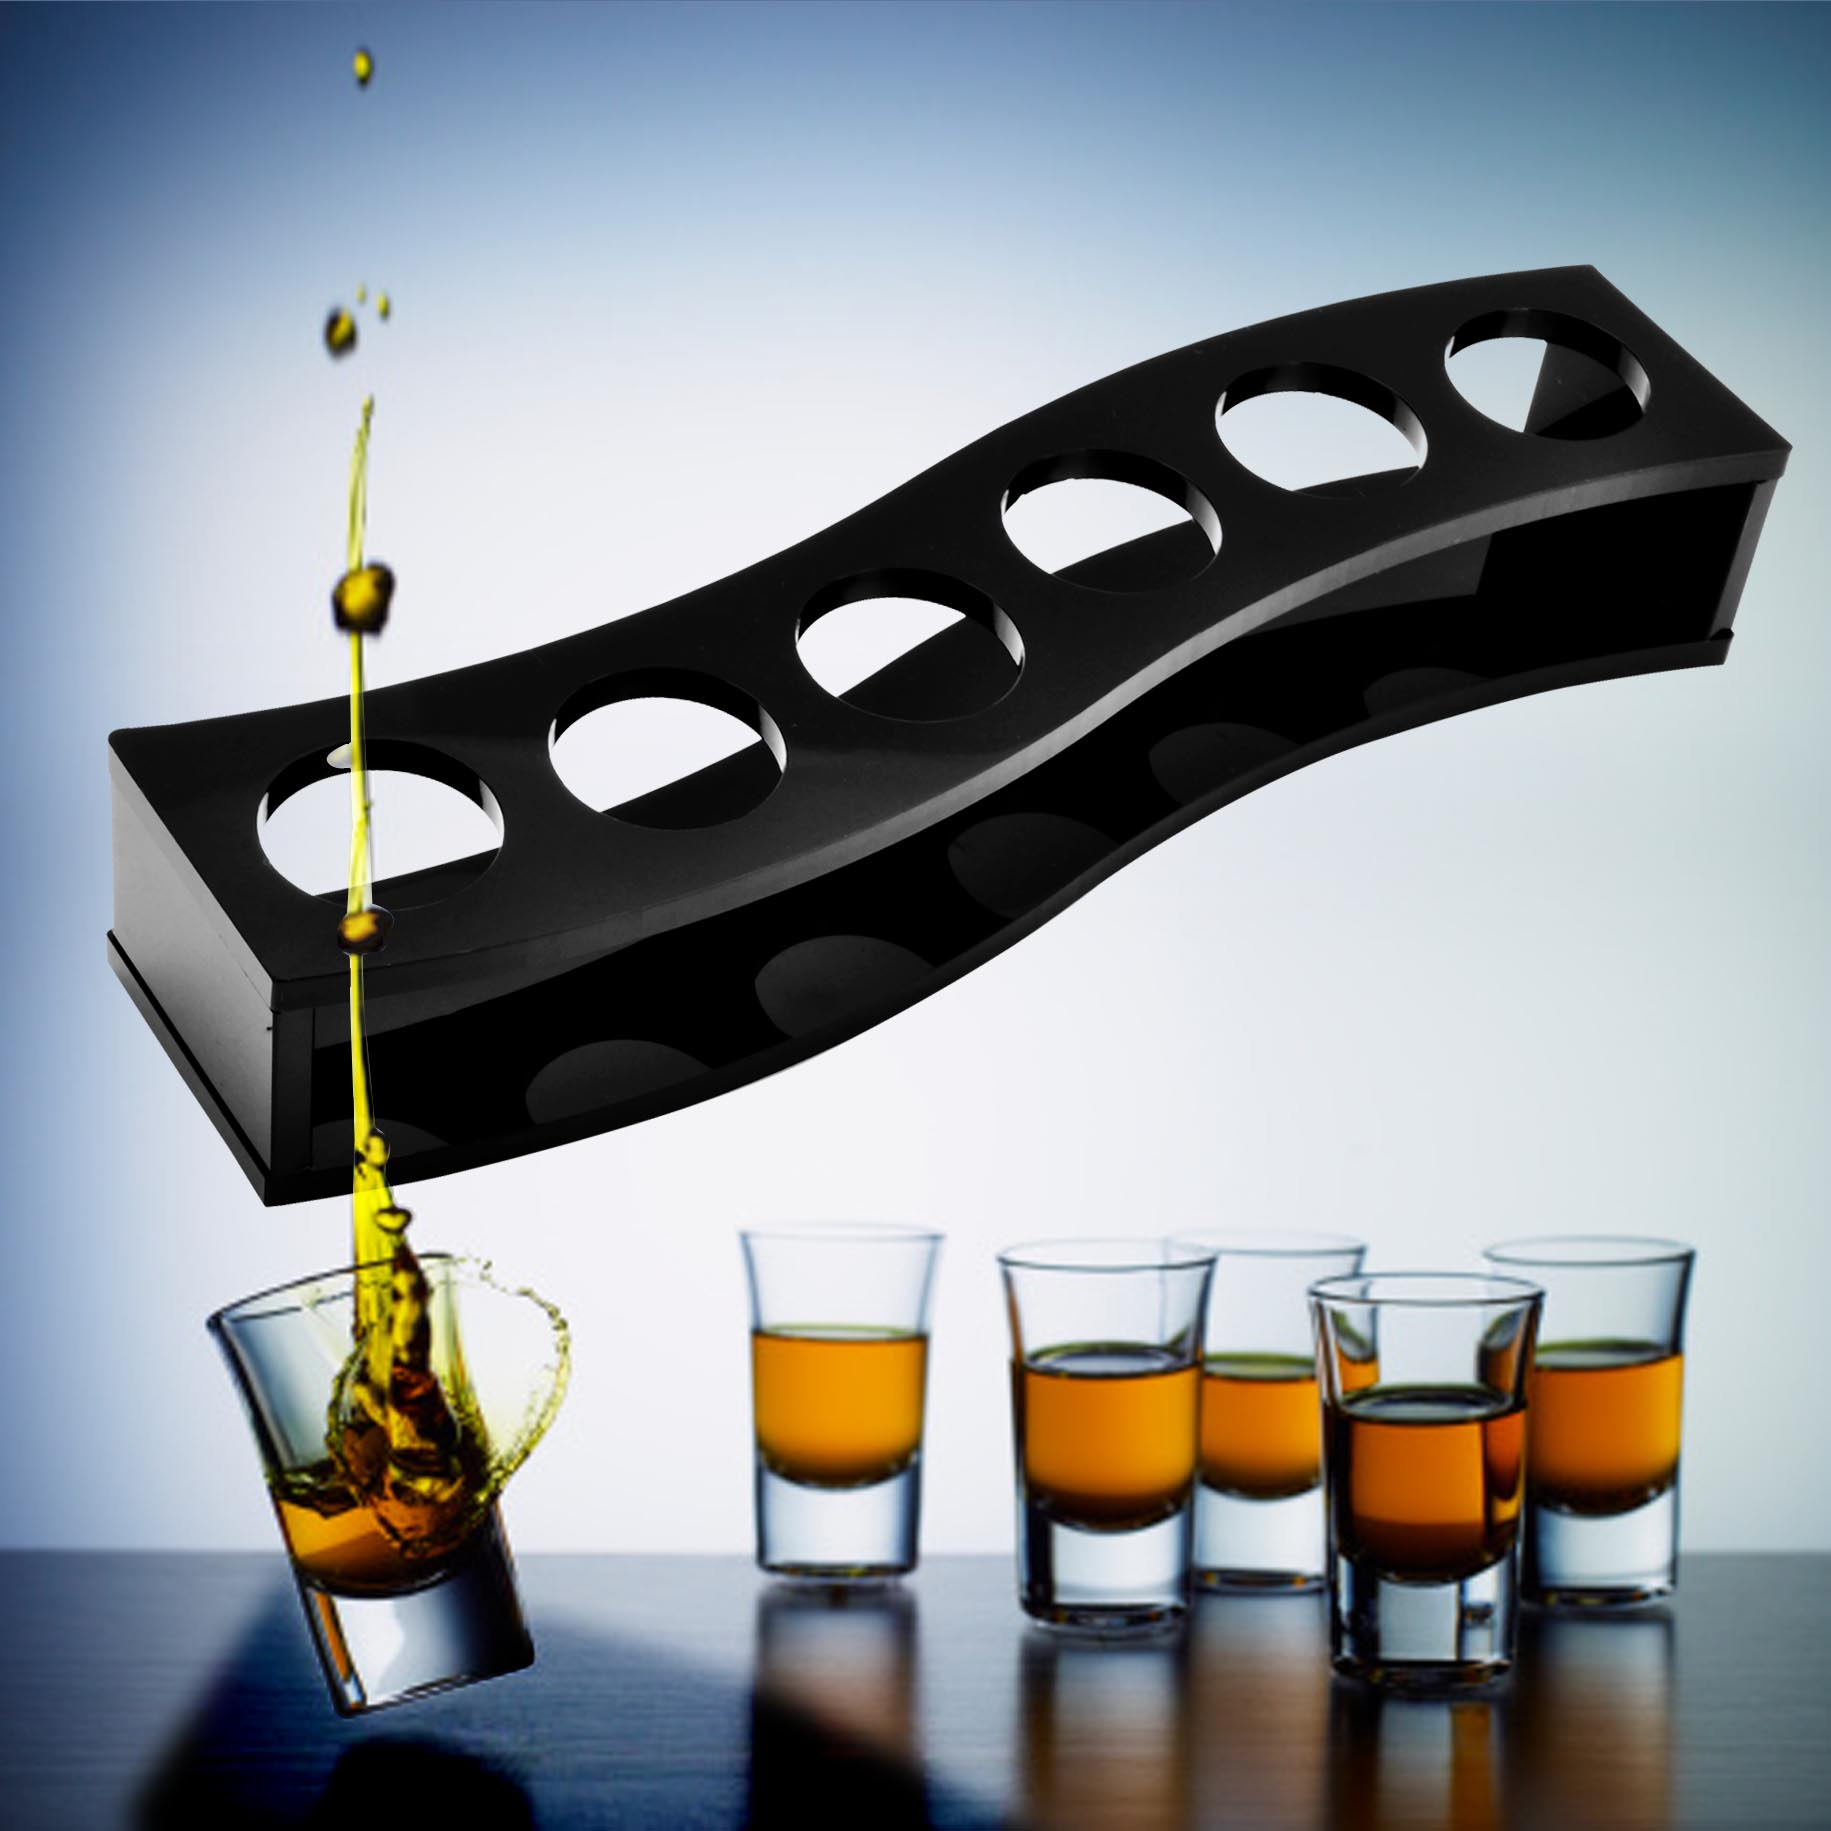 子彈杯雞尾酒杯b52吞杯木杯架套裝小烈酒杯玻璃杯白酒杯套裝包郵